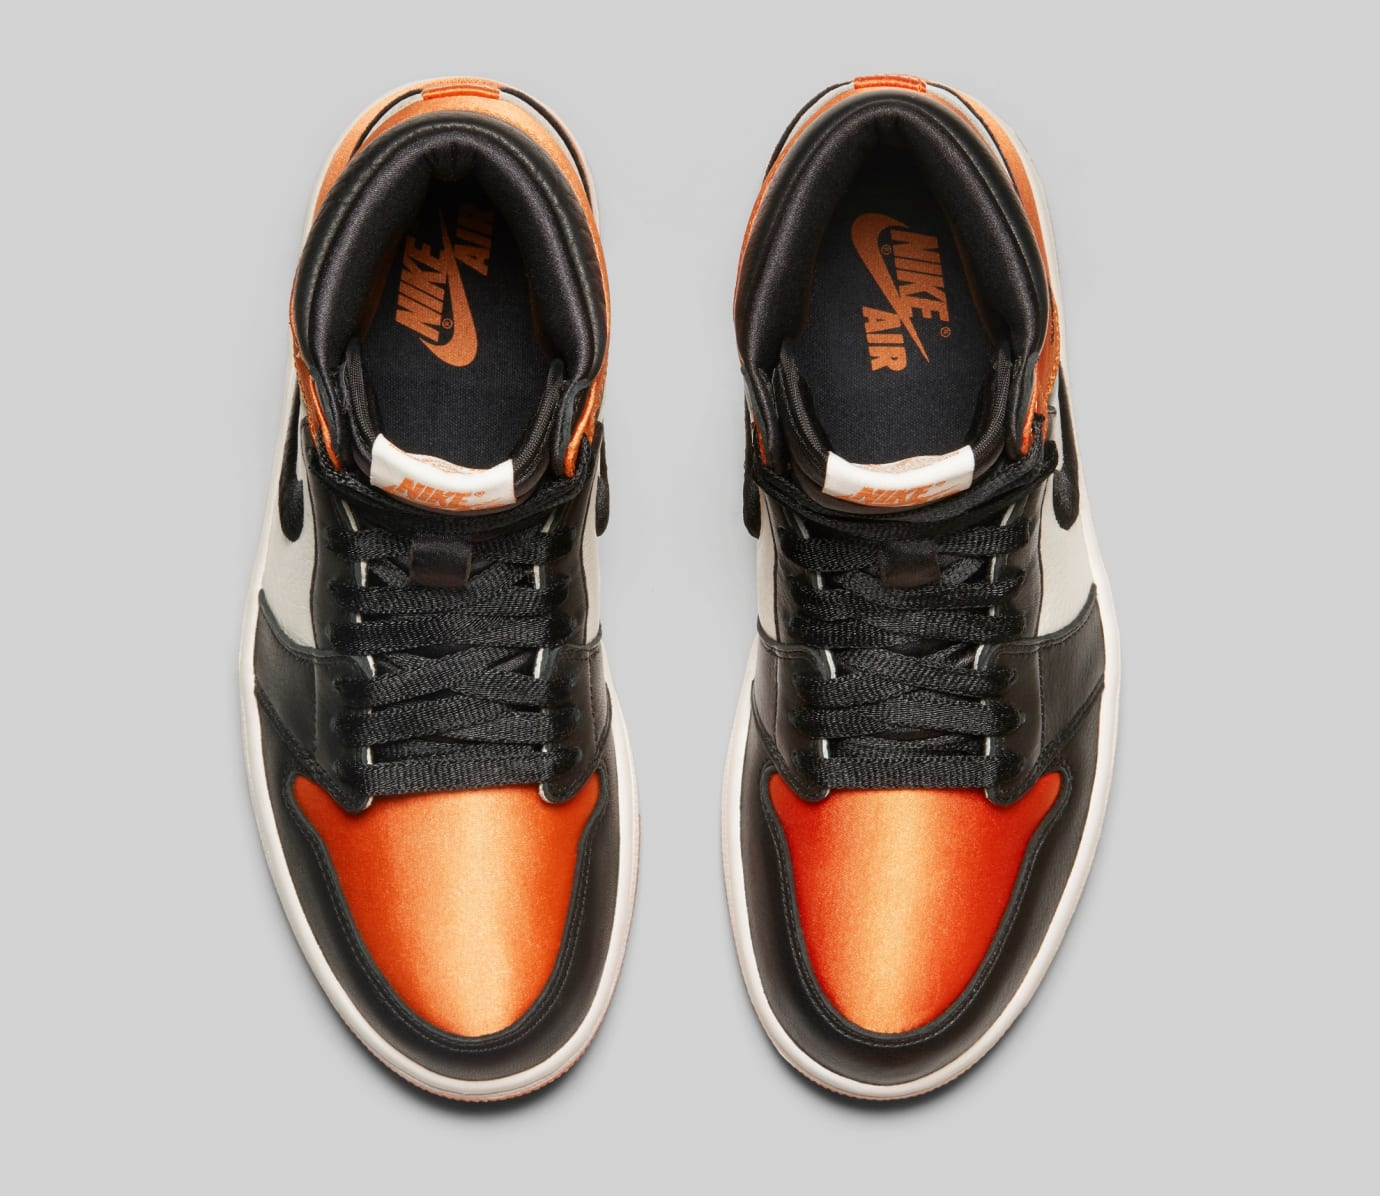 9f9d1b363c9043 Image via Nike Air Jordan 1 Satin  Shattered Backboard  AV3725-010 (Top)